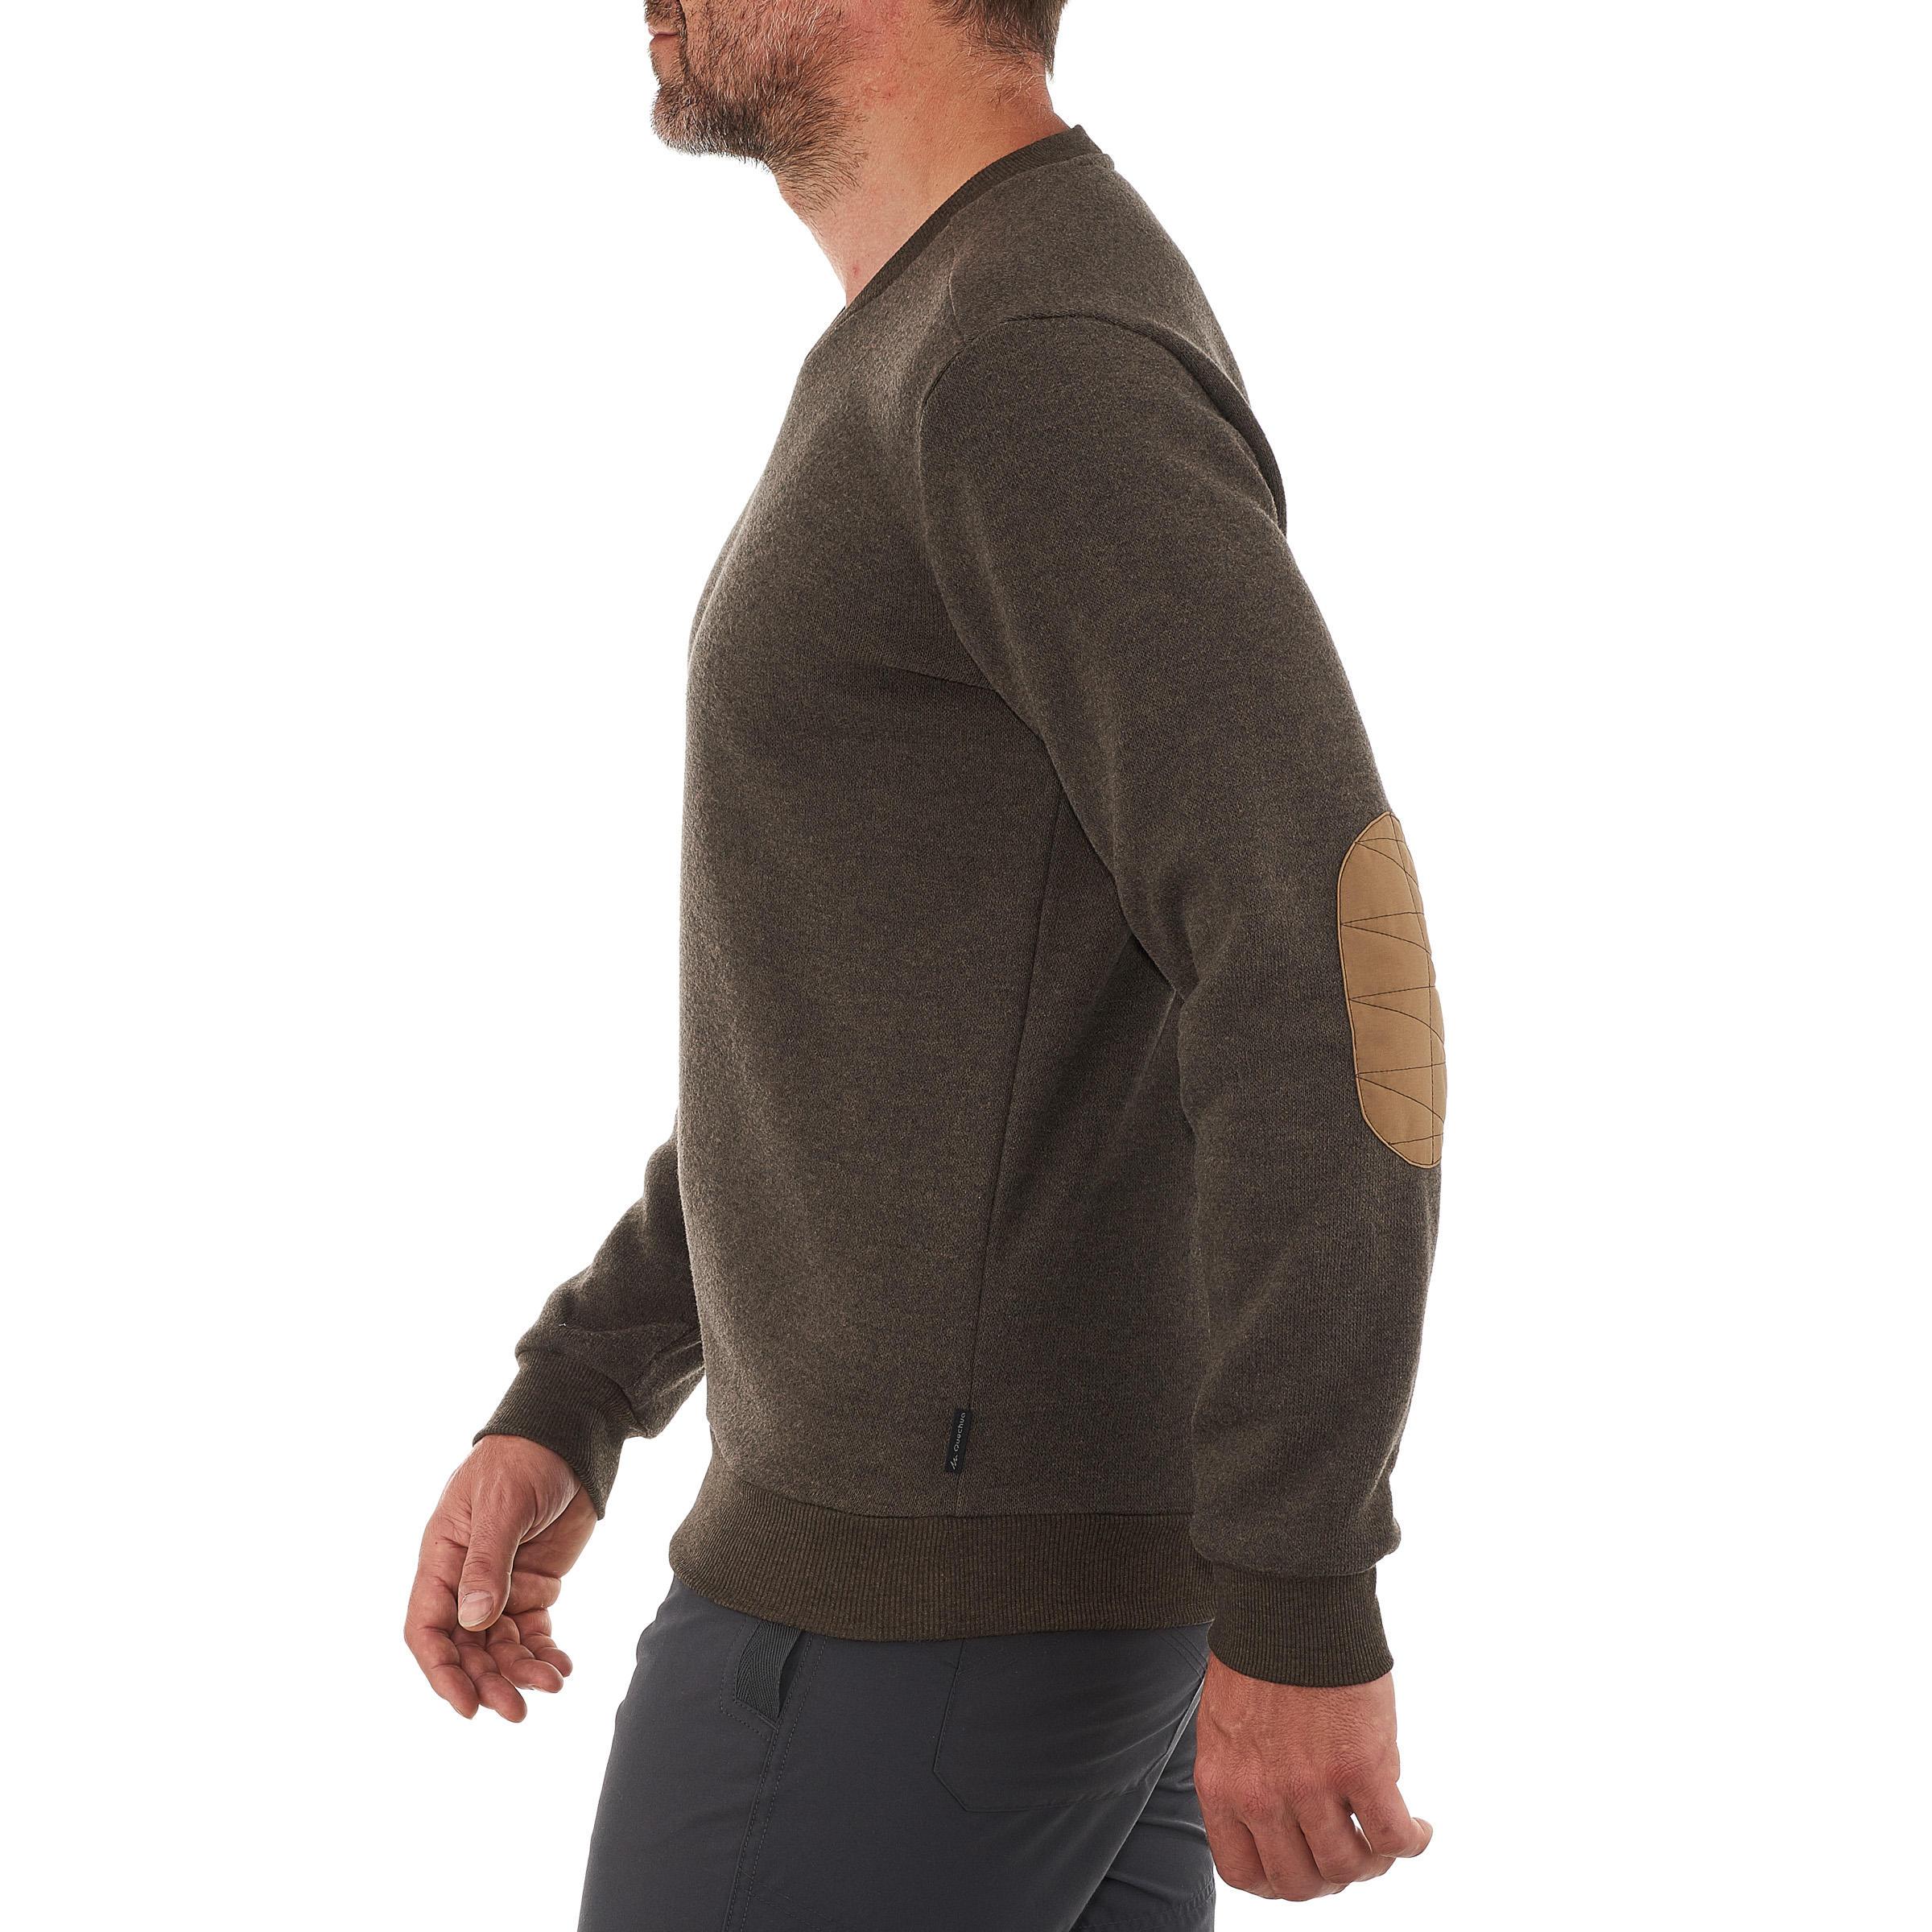 Chandail de randonnée nature homme NH150 marron